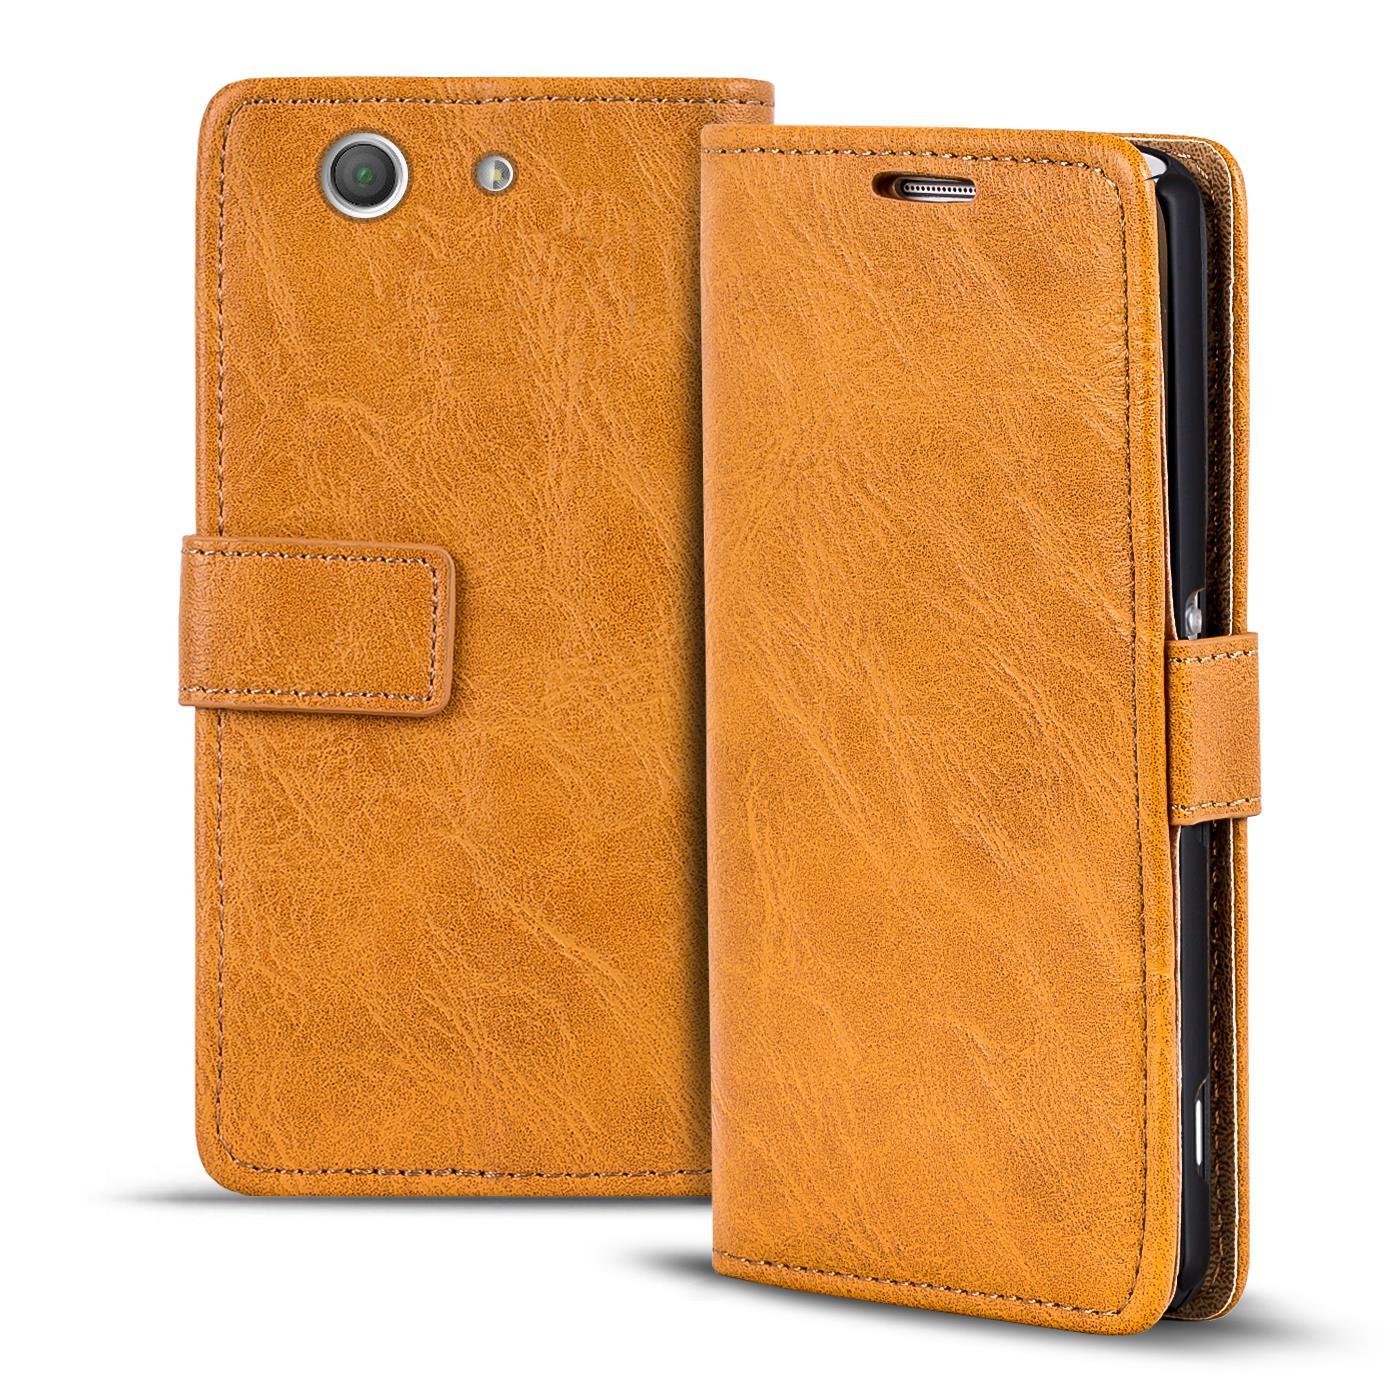 Handy-Tasche-Huelle-Sony-Xperia-Z3-Compact-Case-Klapphuelle-PU-Leder-Wallet-Cover